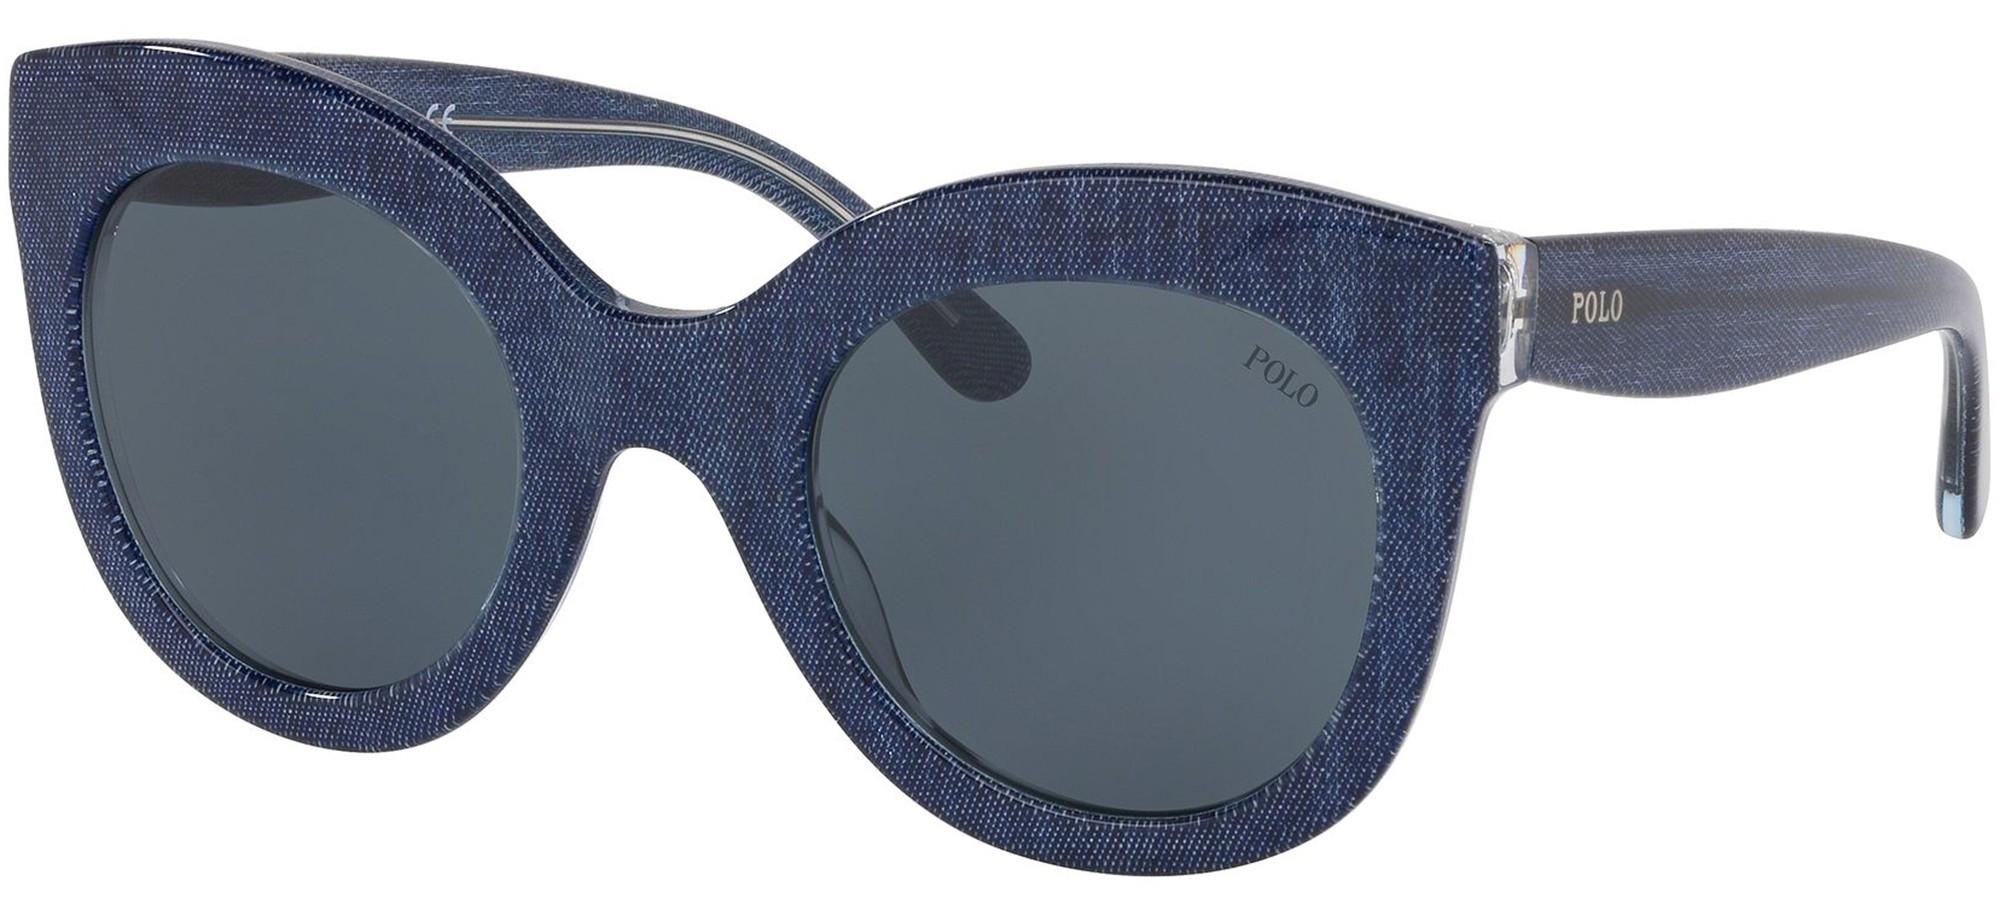 Polo Ralph Lauren solbriller PH 4148